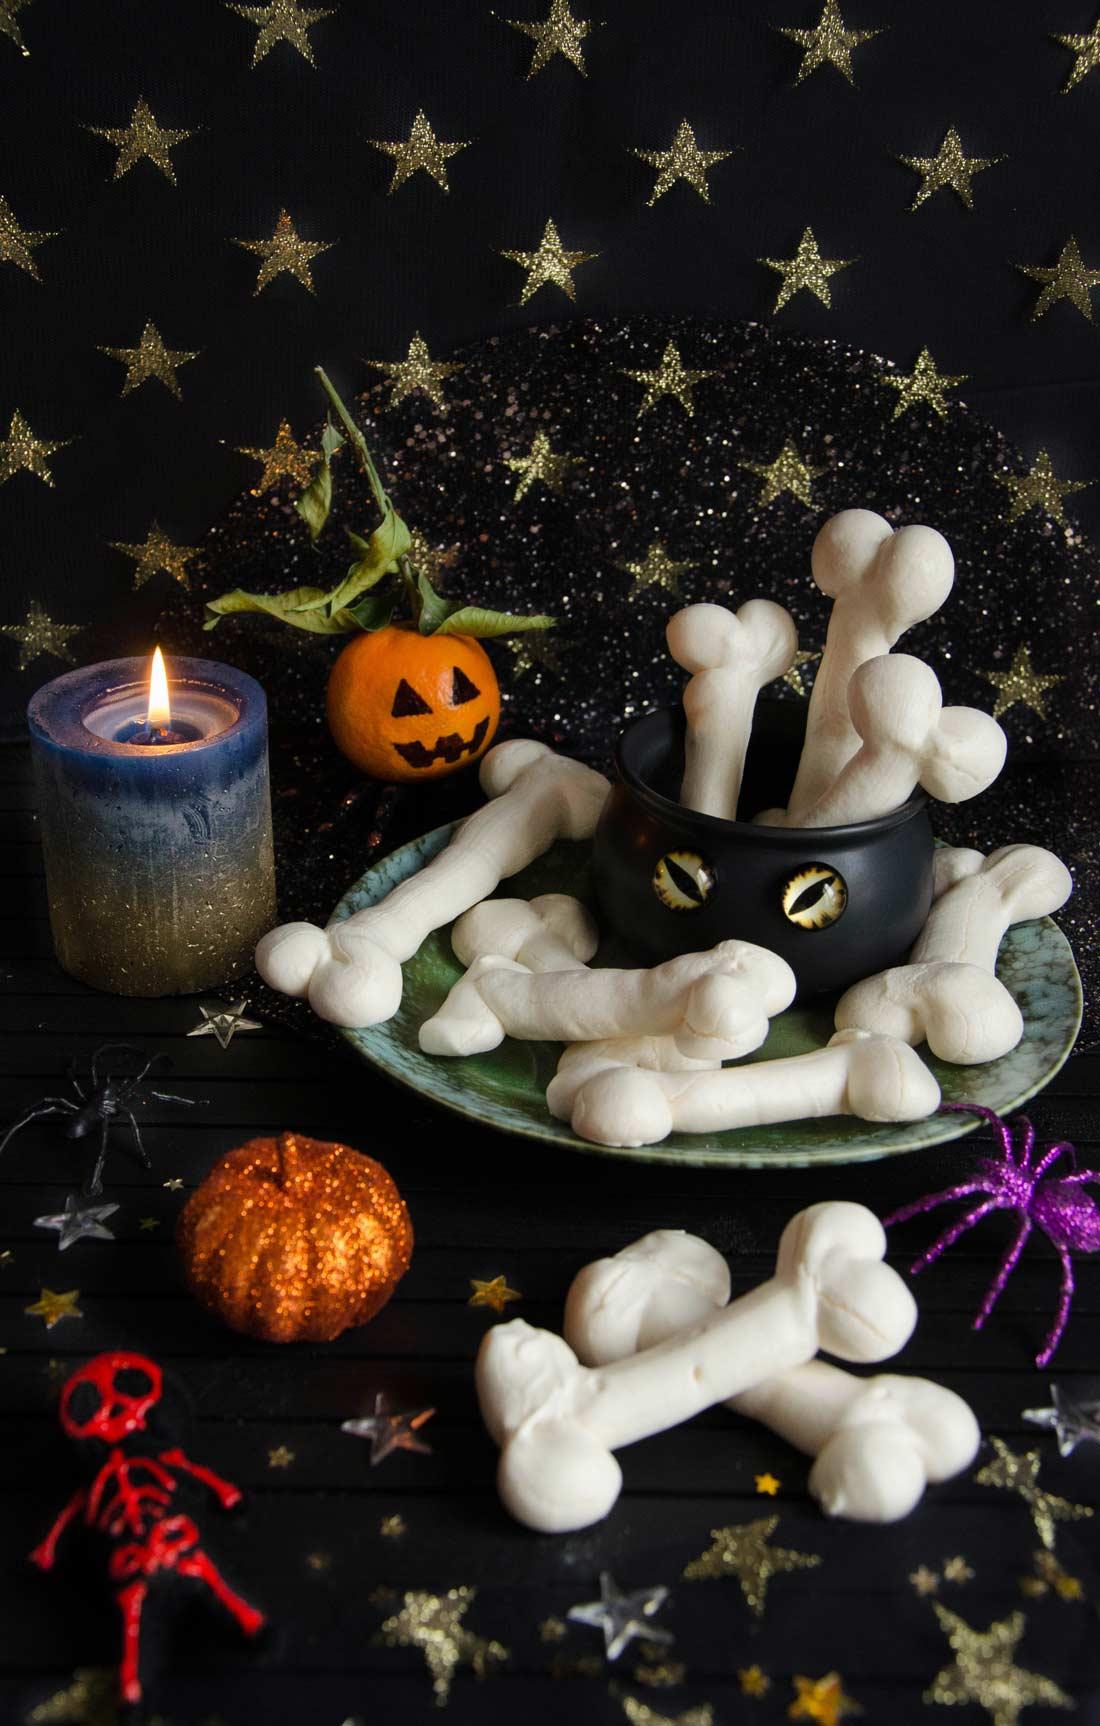 os de sorcière pour Halloween